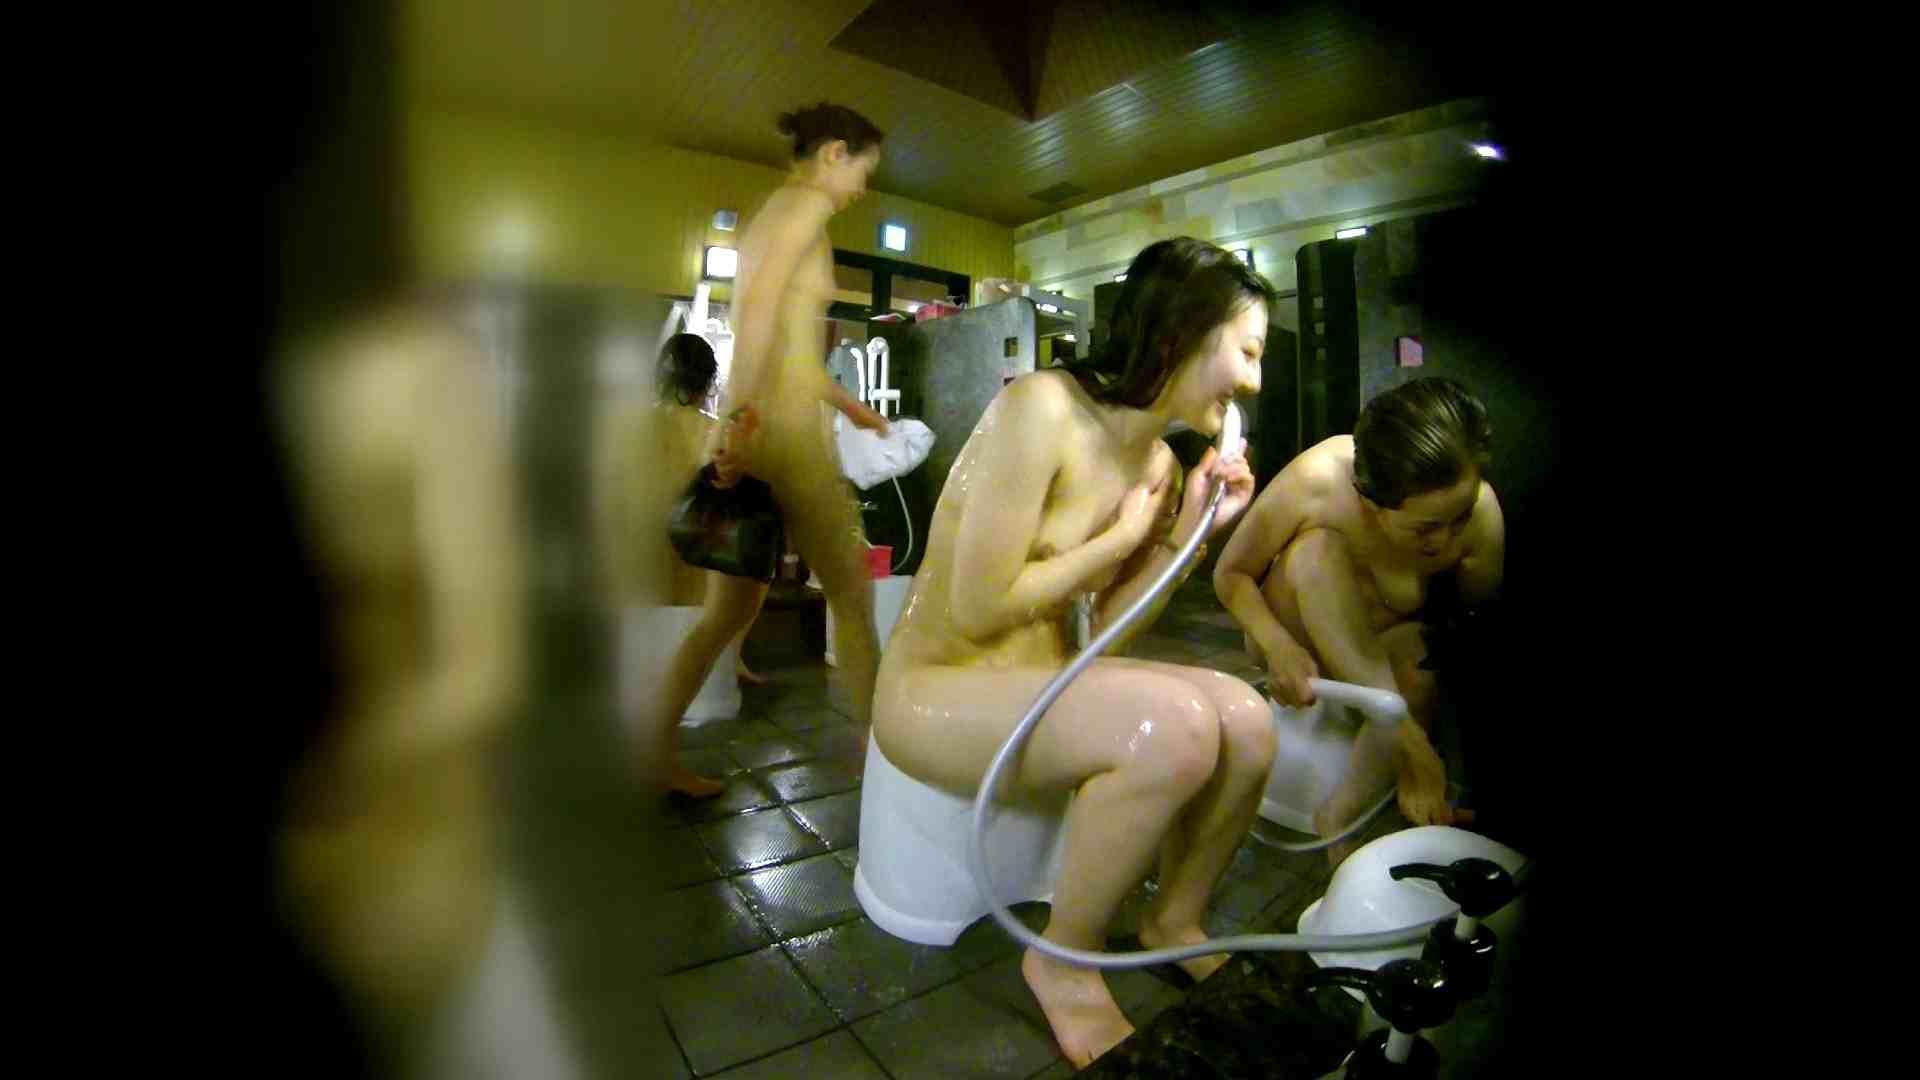 洗い場!右足の位置がいいですね。陰毛もっさり! 銭湯  113pic 75